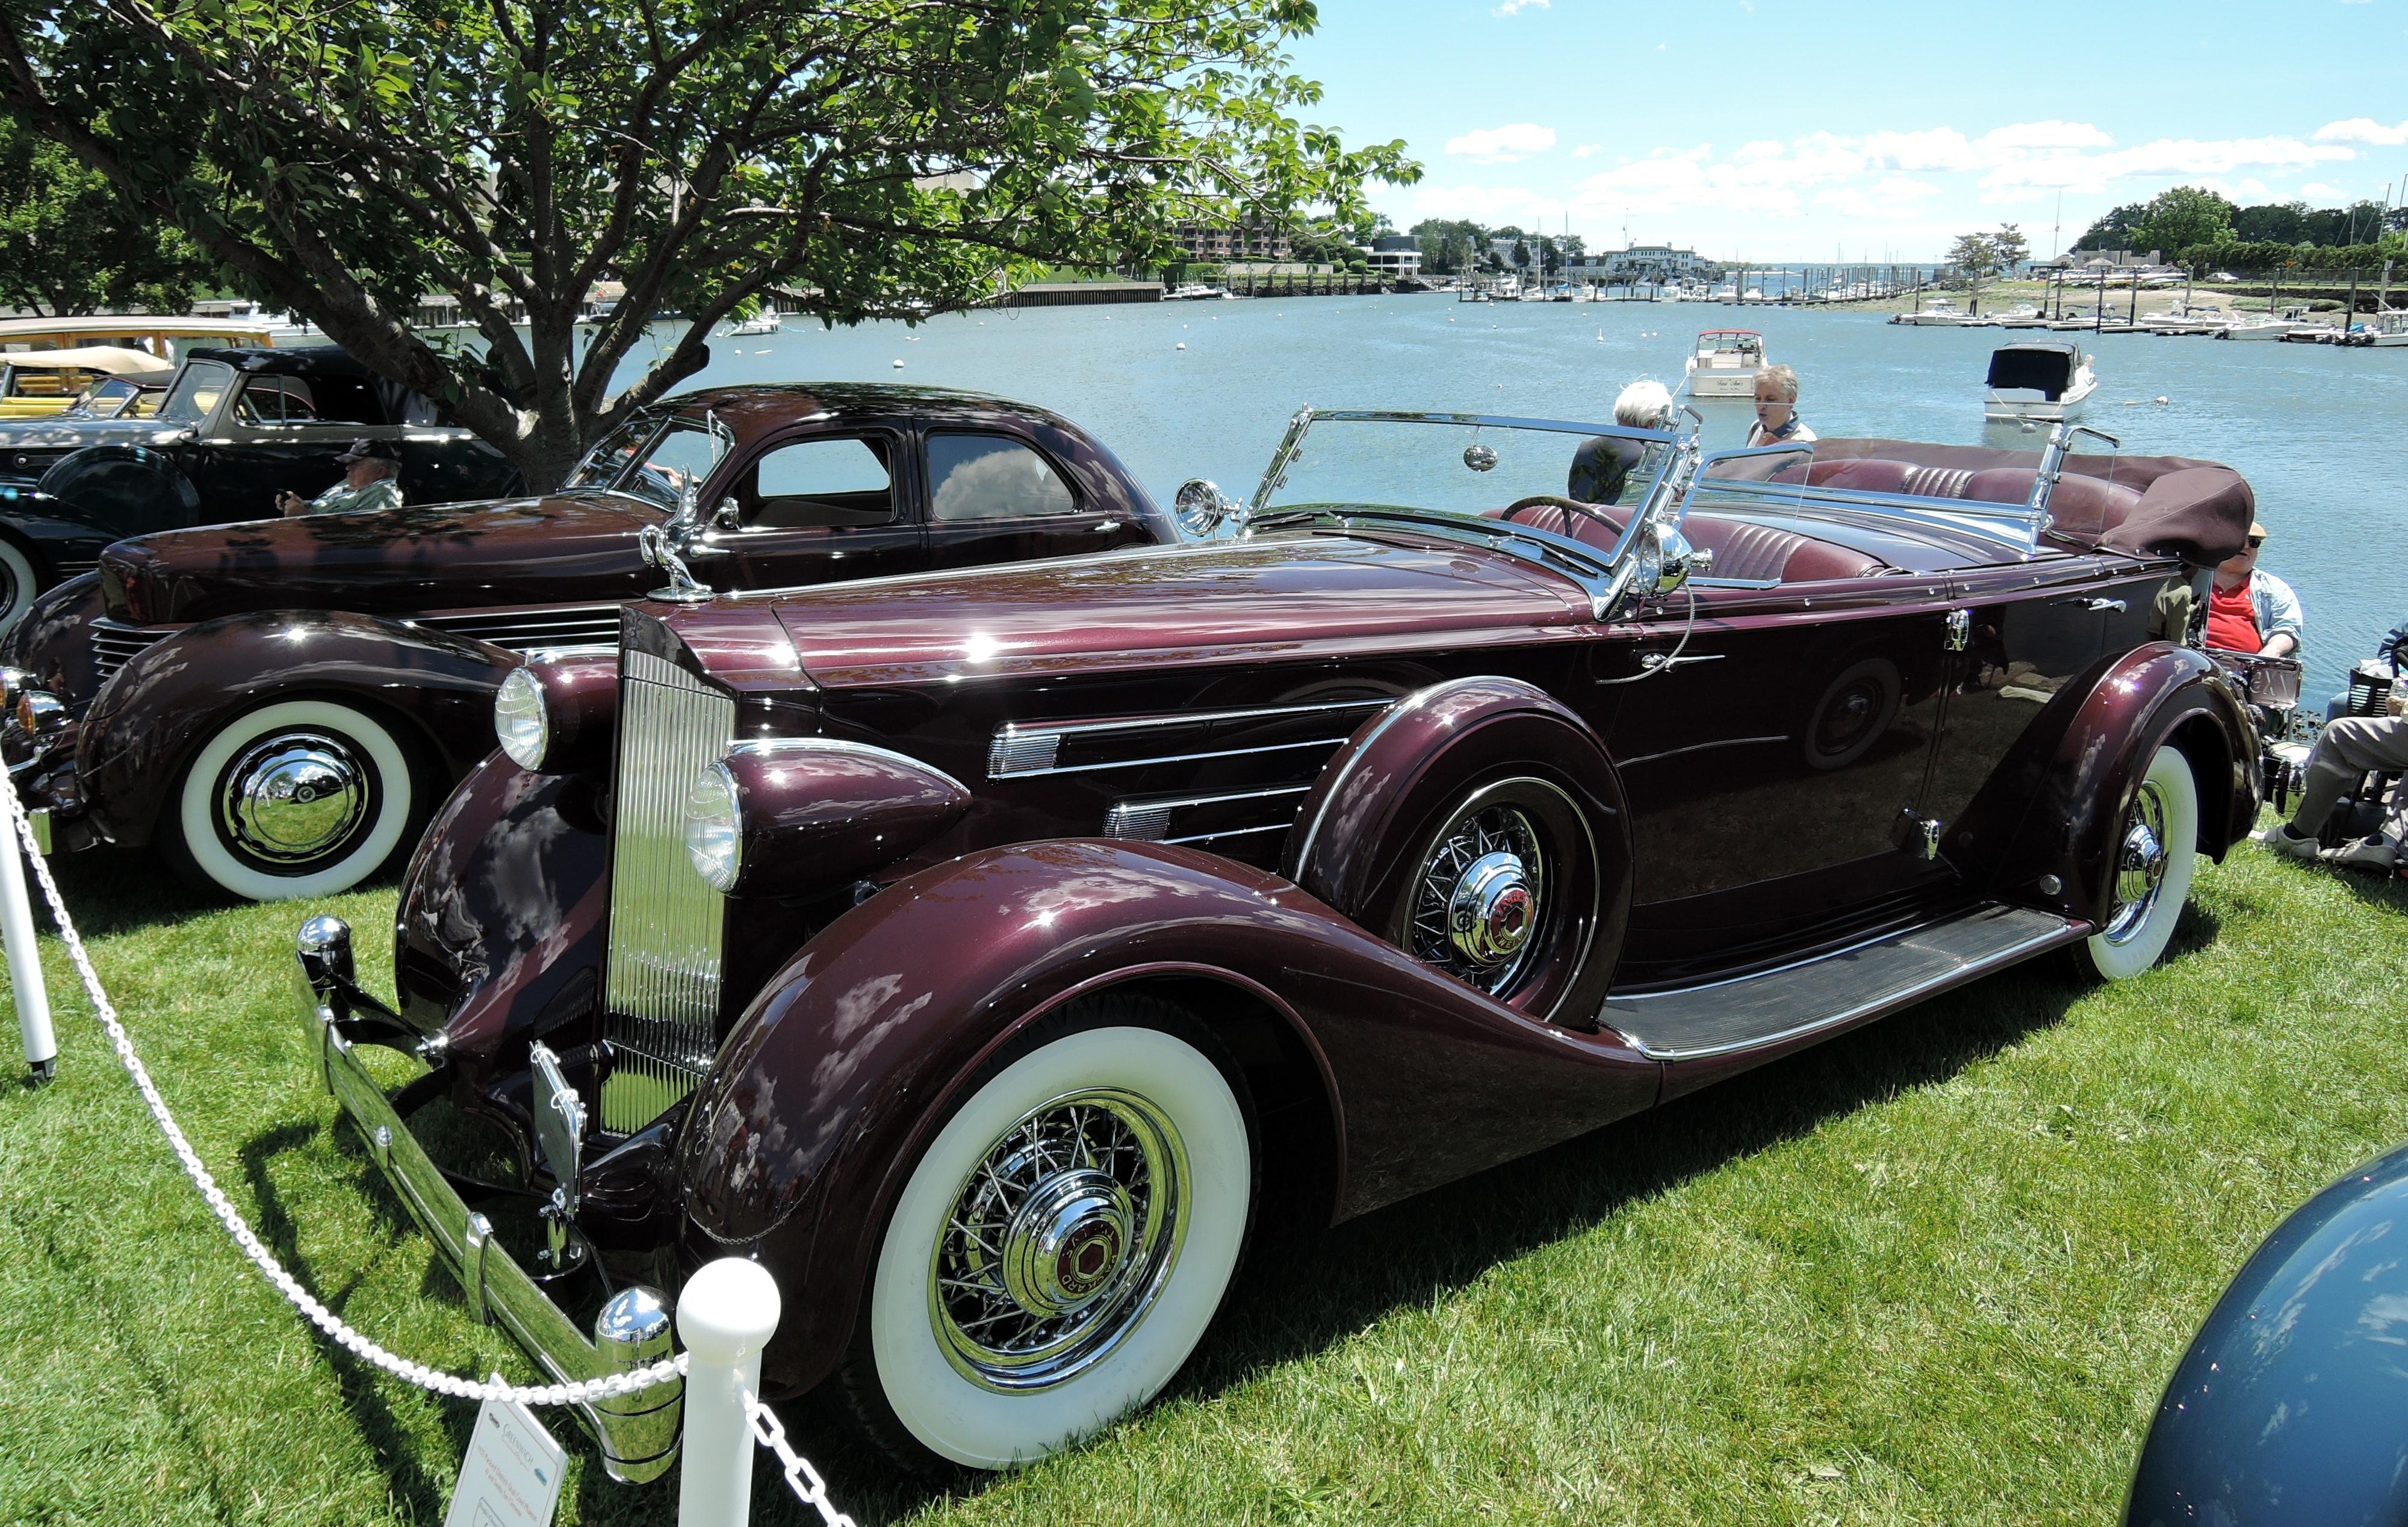 red 1935 Packard Dietrich Dual Cowl Phaeton - Greenwich Concours d'Elegance 2017